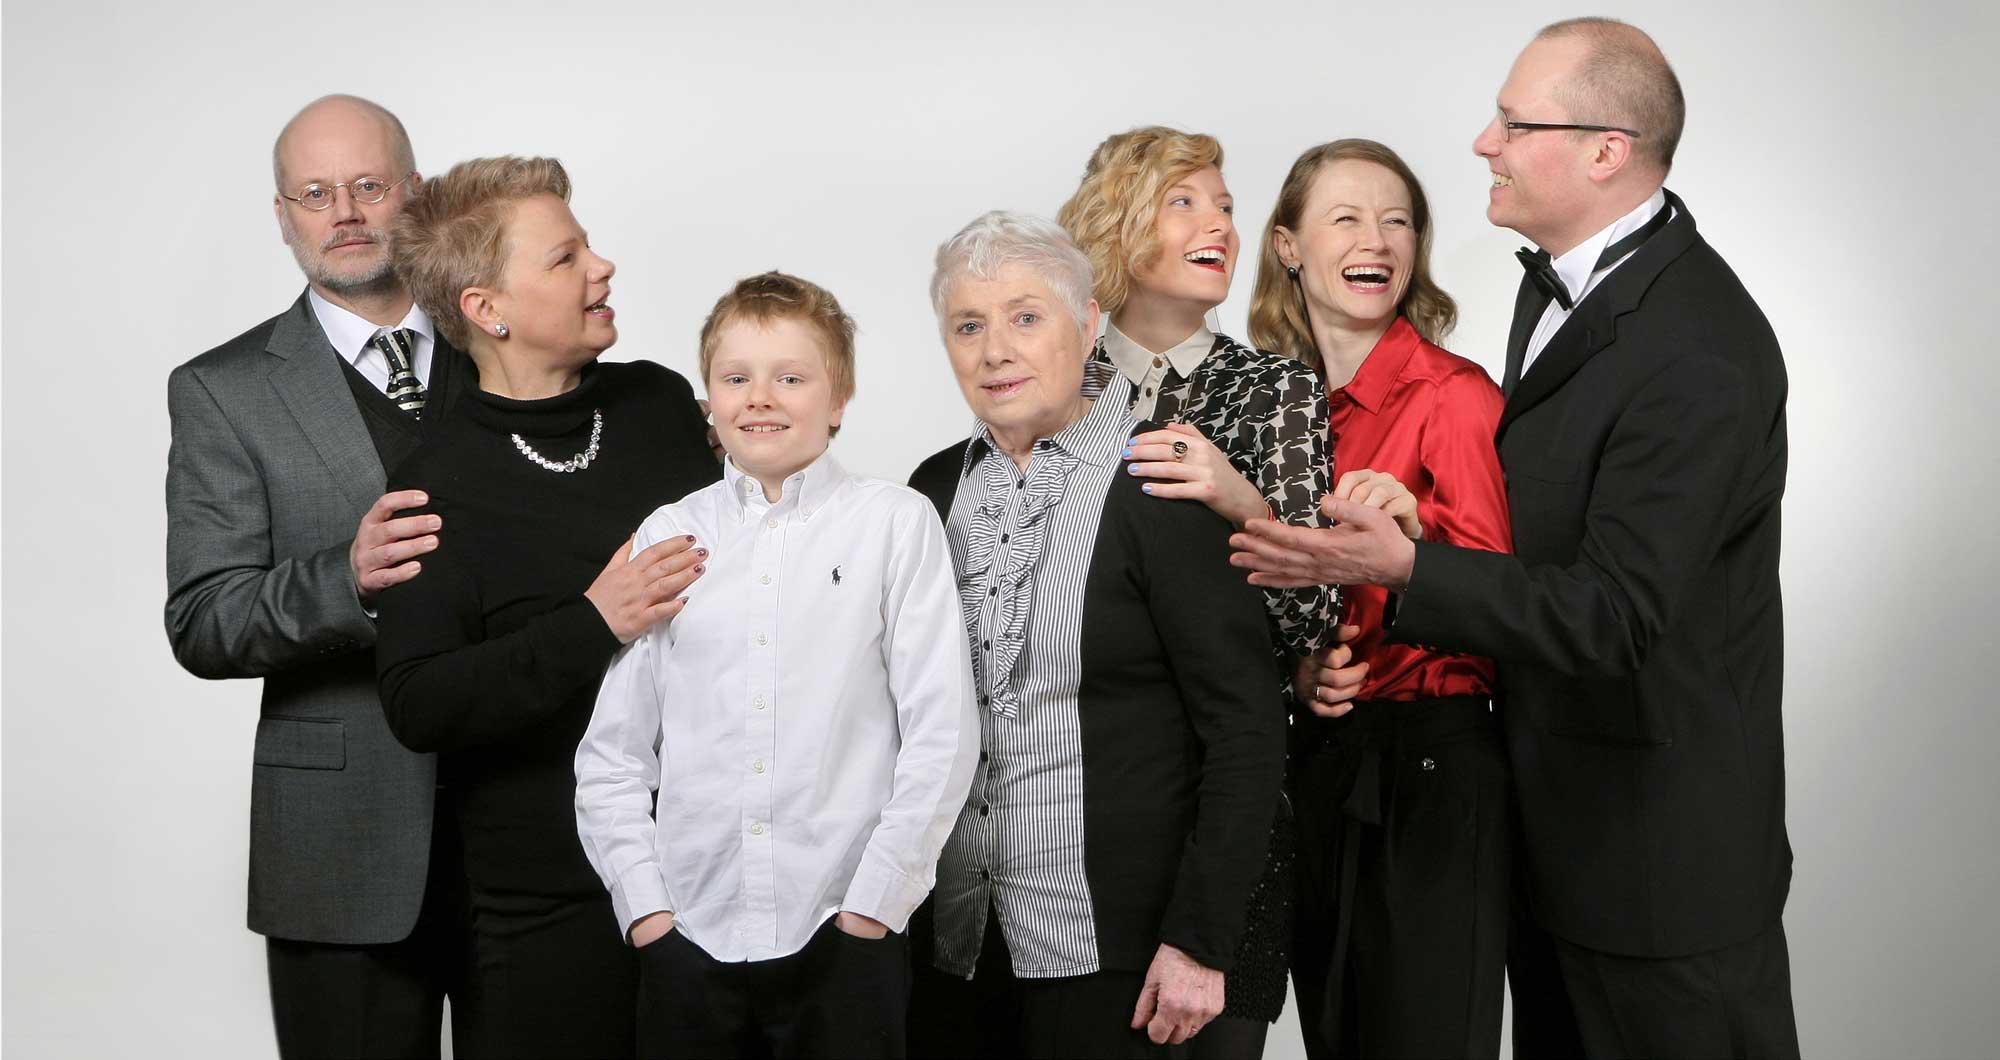 familieundkinderfoto-lenzvonkolkow06